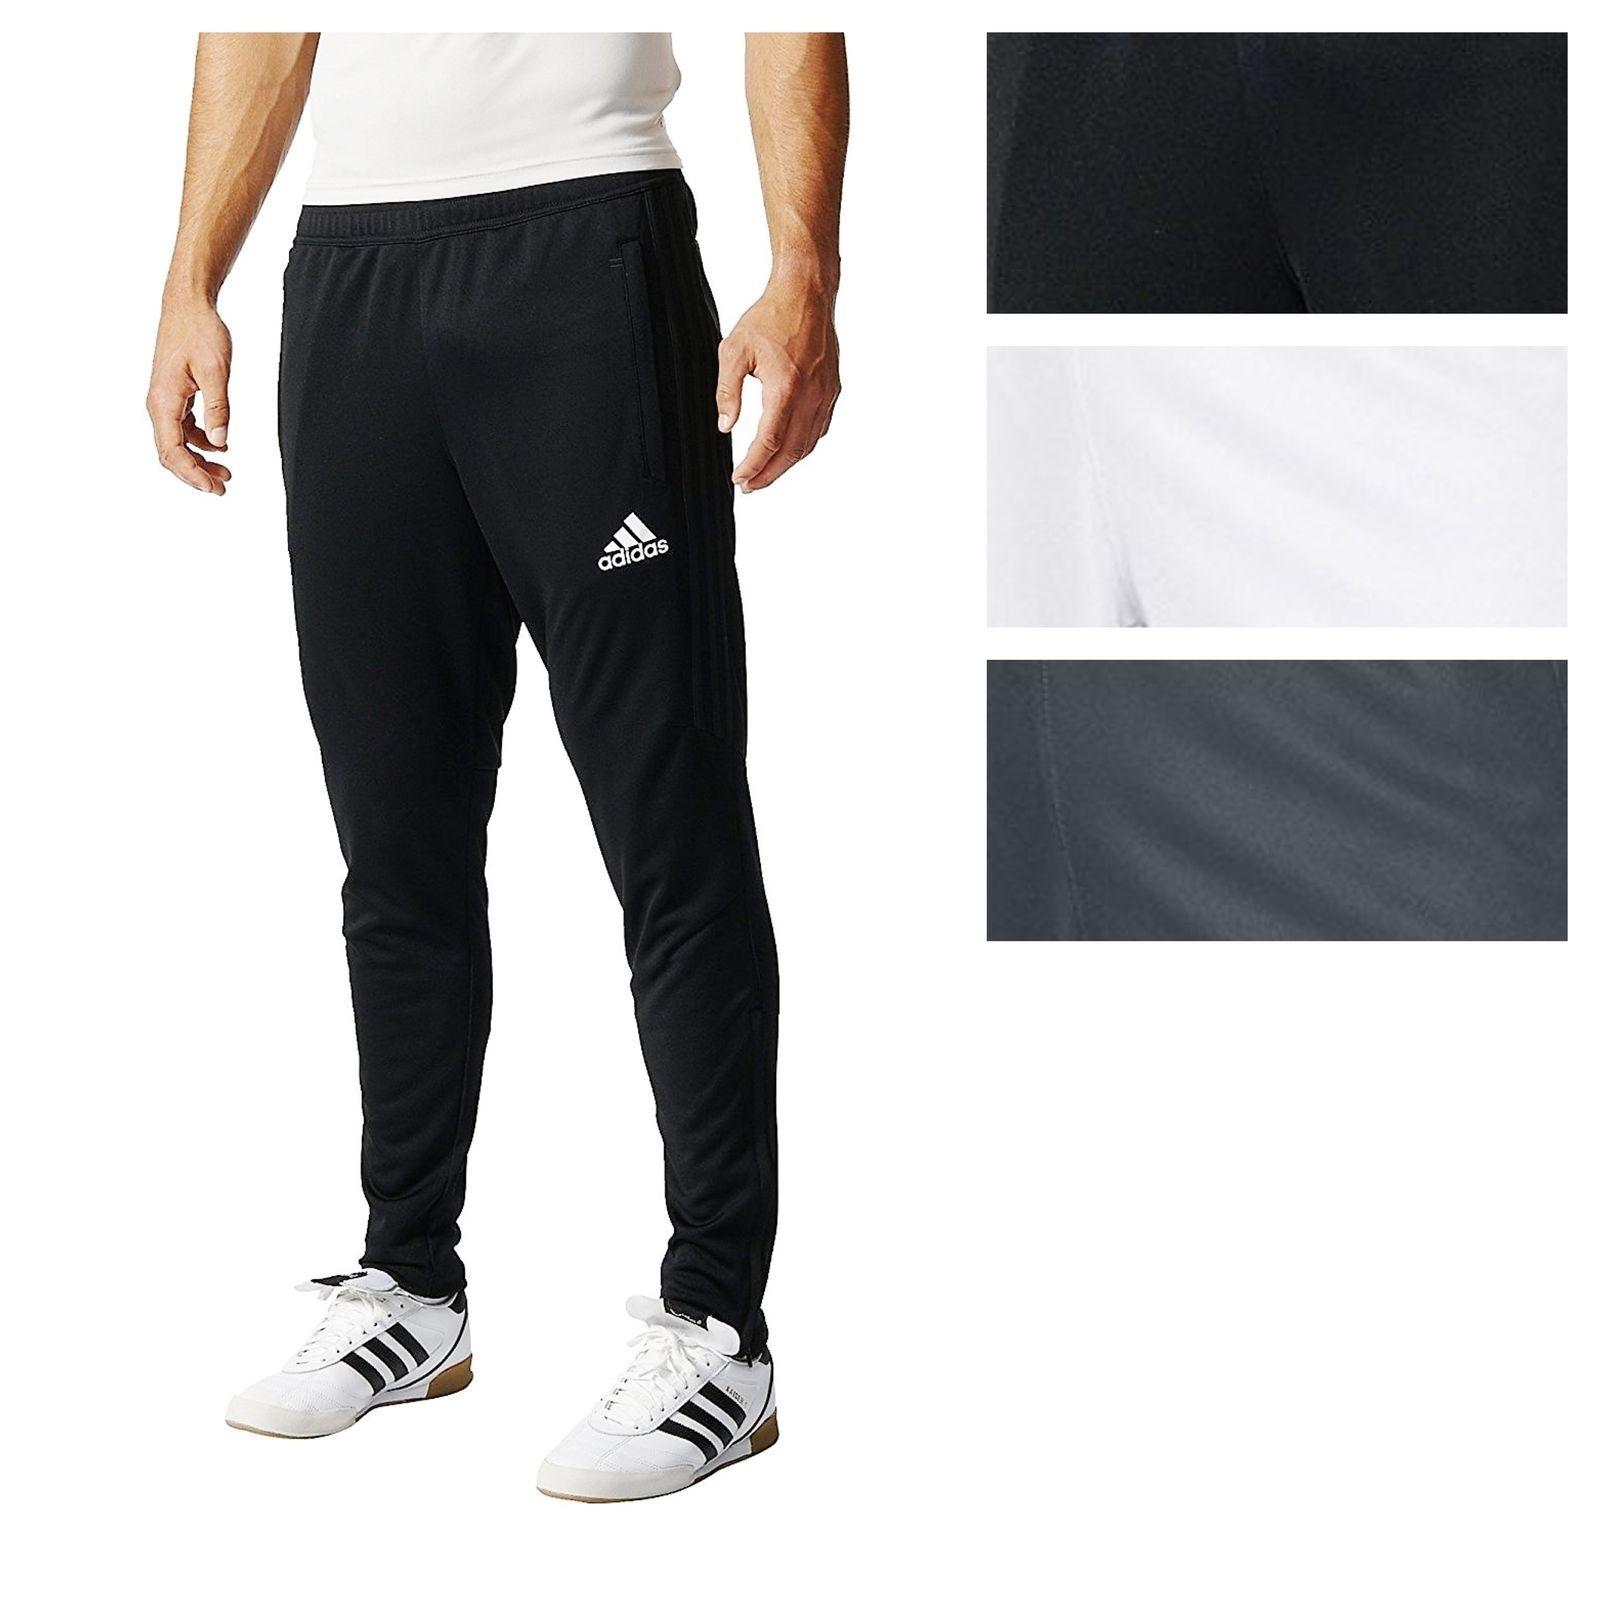 adidas pantaloni tiro 17 training